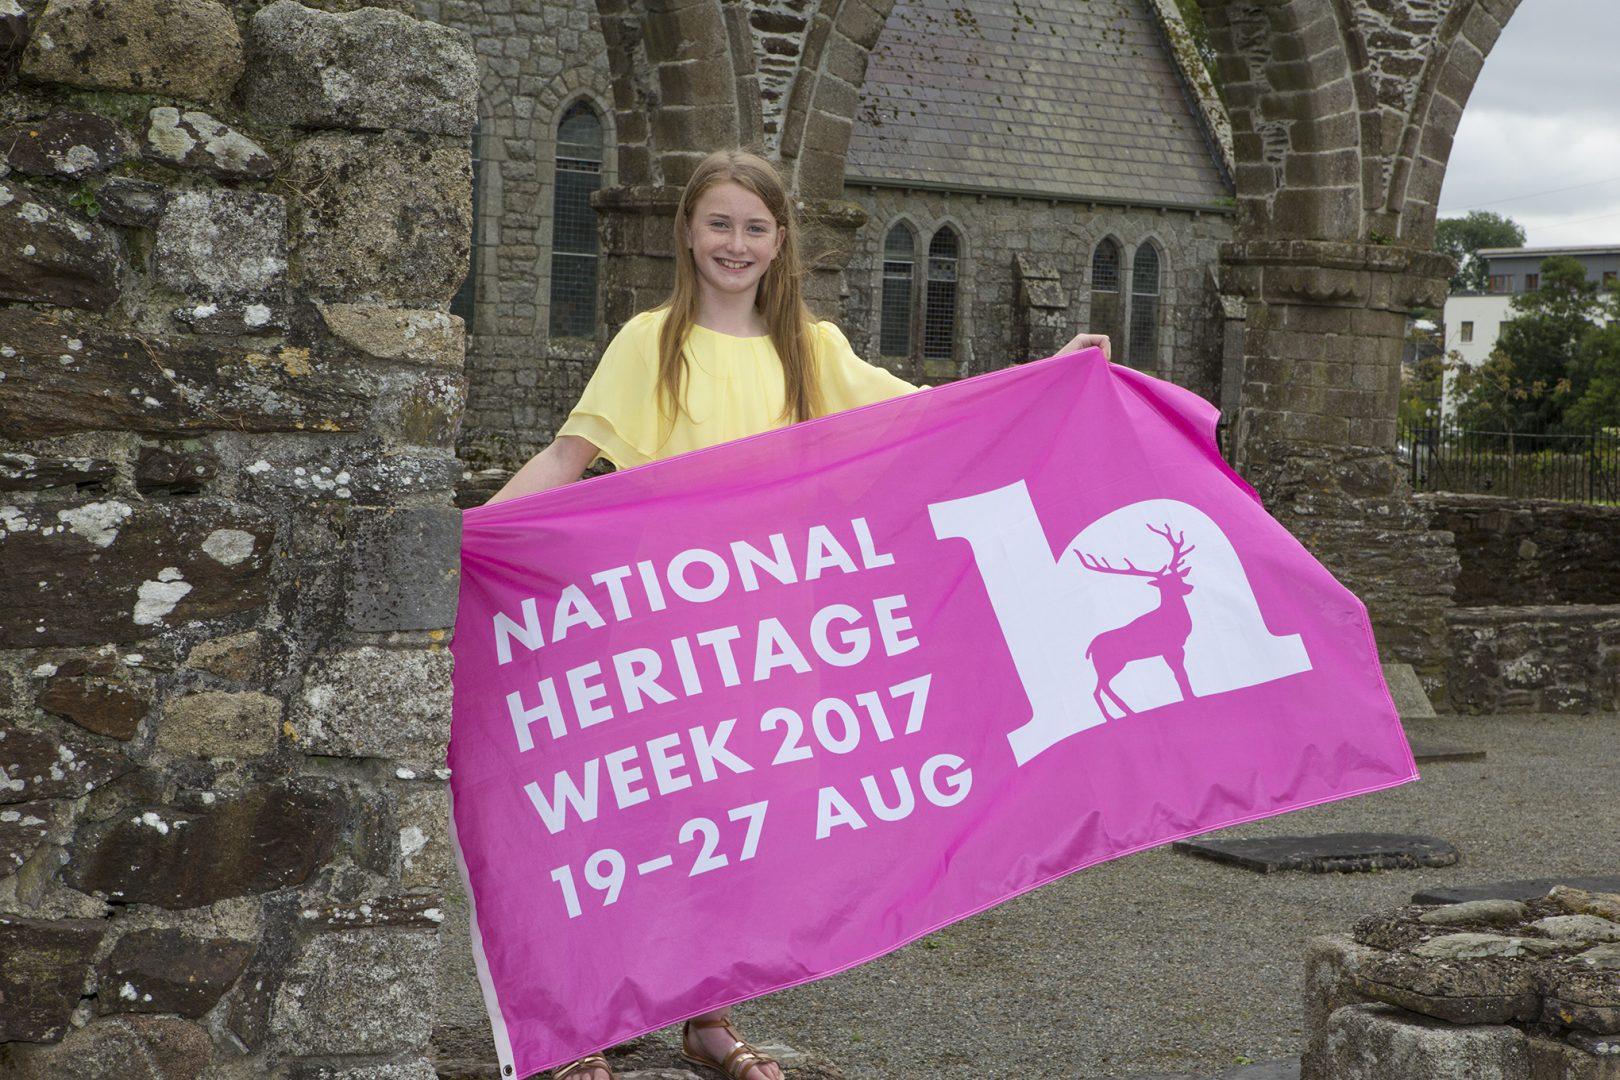 Heritage-week-2